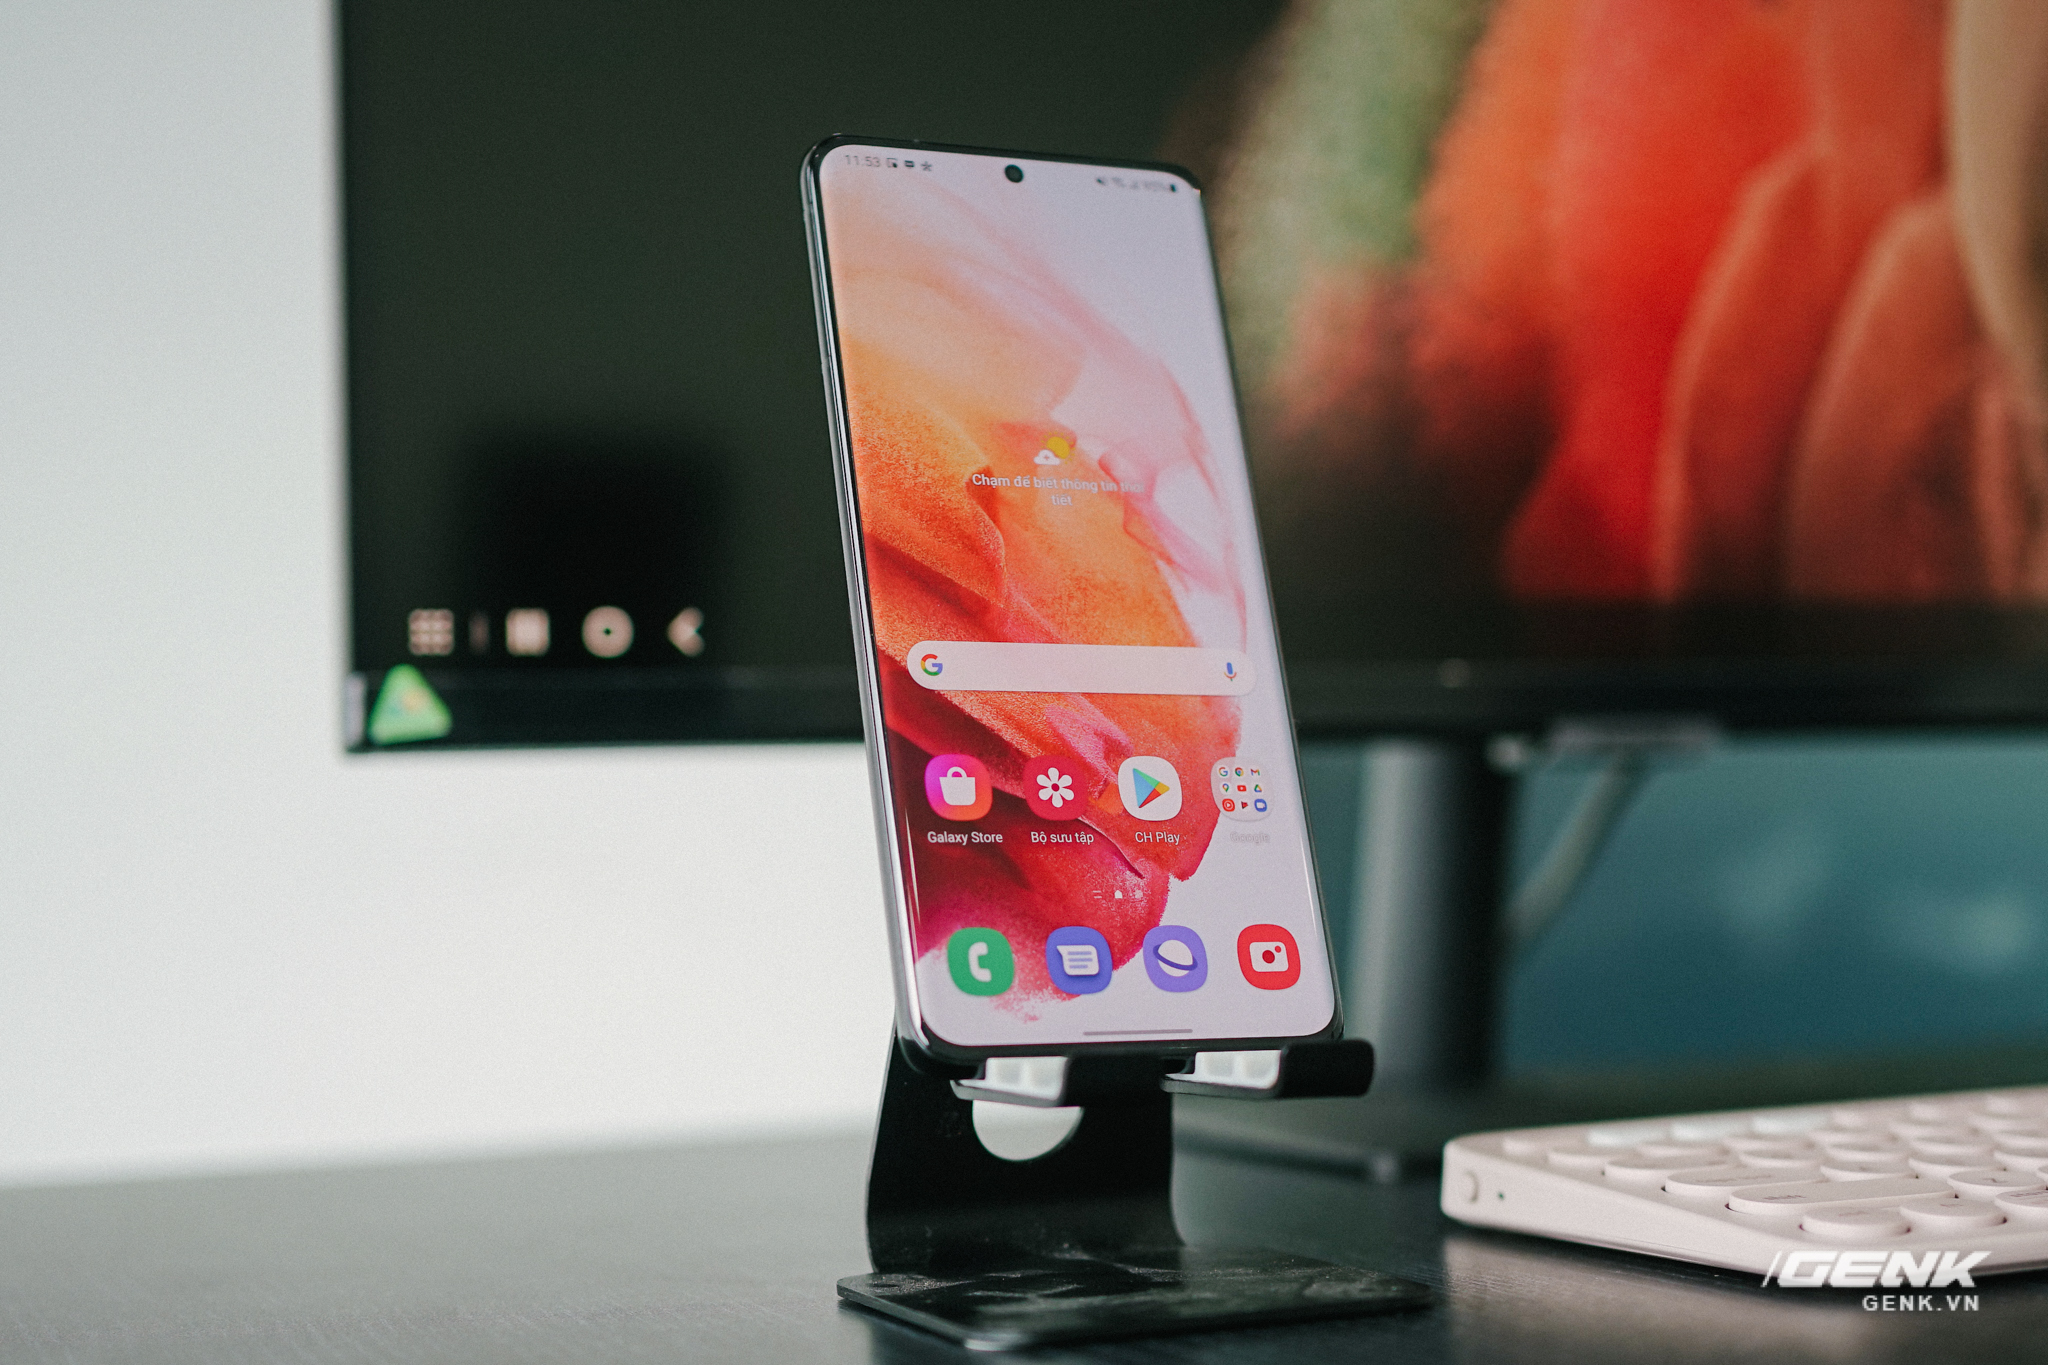 Cận cảnh Samsung M5: Màn hình thông minh mới của Samsung có thể hoạt động độc lập không cần máy tính, giá từ 7 triệu đồng - Ảnh 6.